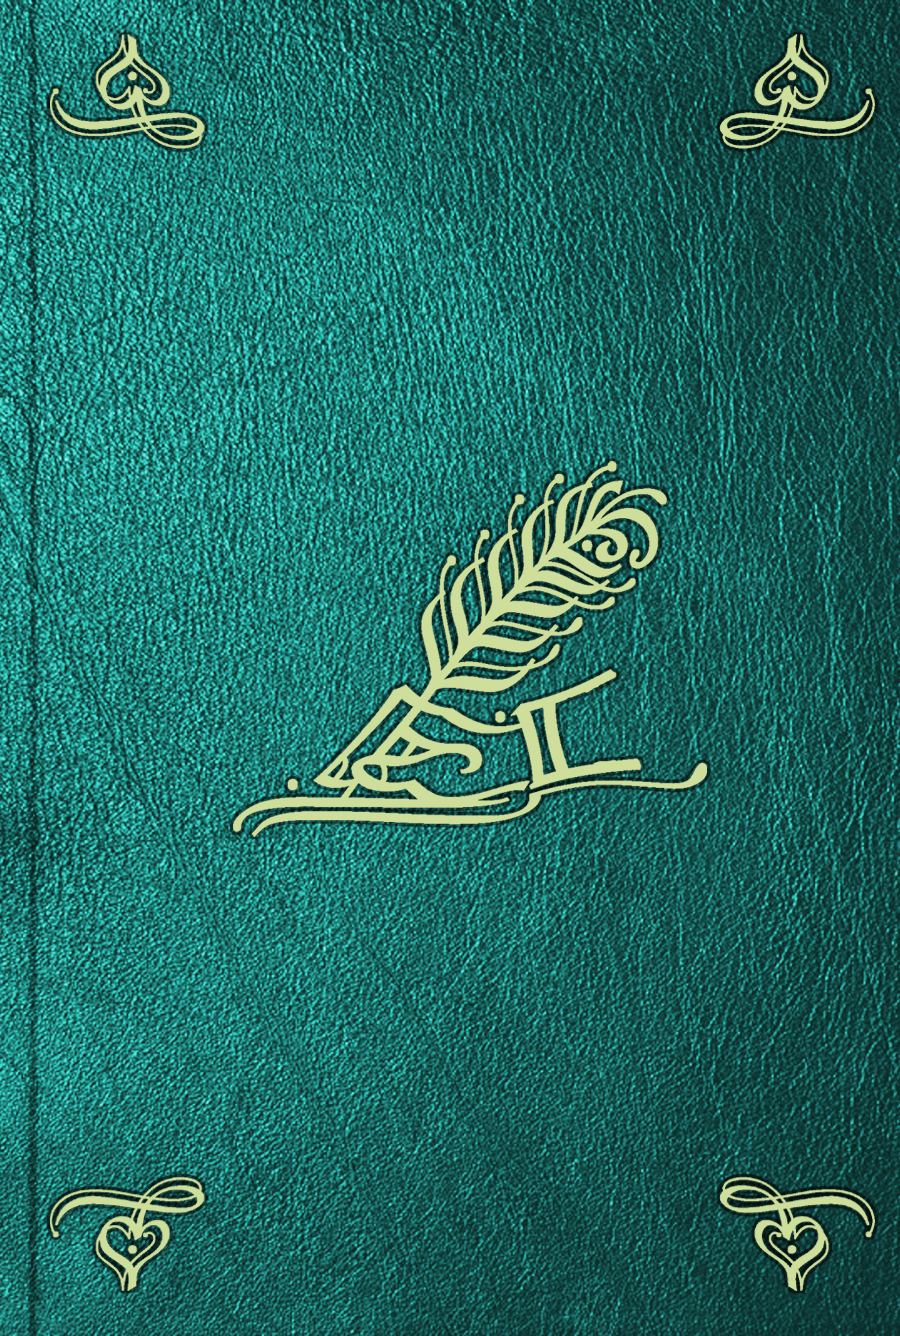 Автор не указан Смерть Марии Стуарт, королевы Шотландской idouillet christmas snowflake tree pattern супер мягкий легкий микрофибра плюшевый флис одеяло бросить полный королевы королевы